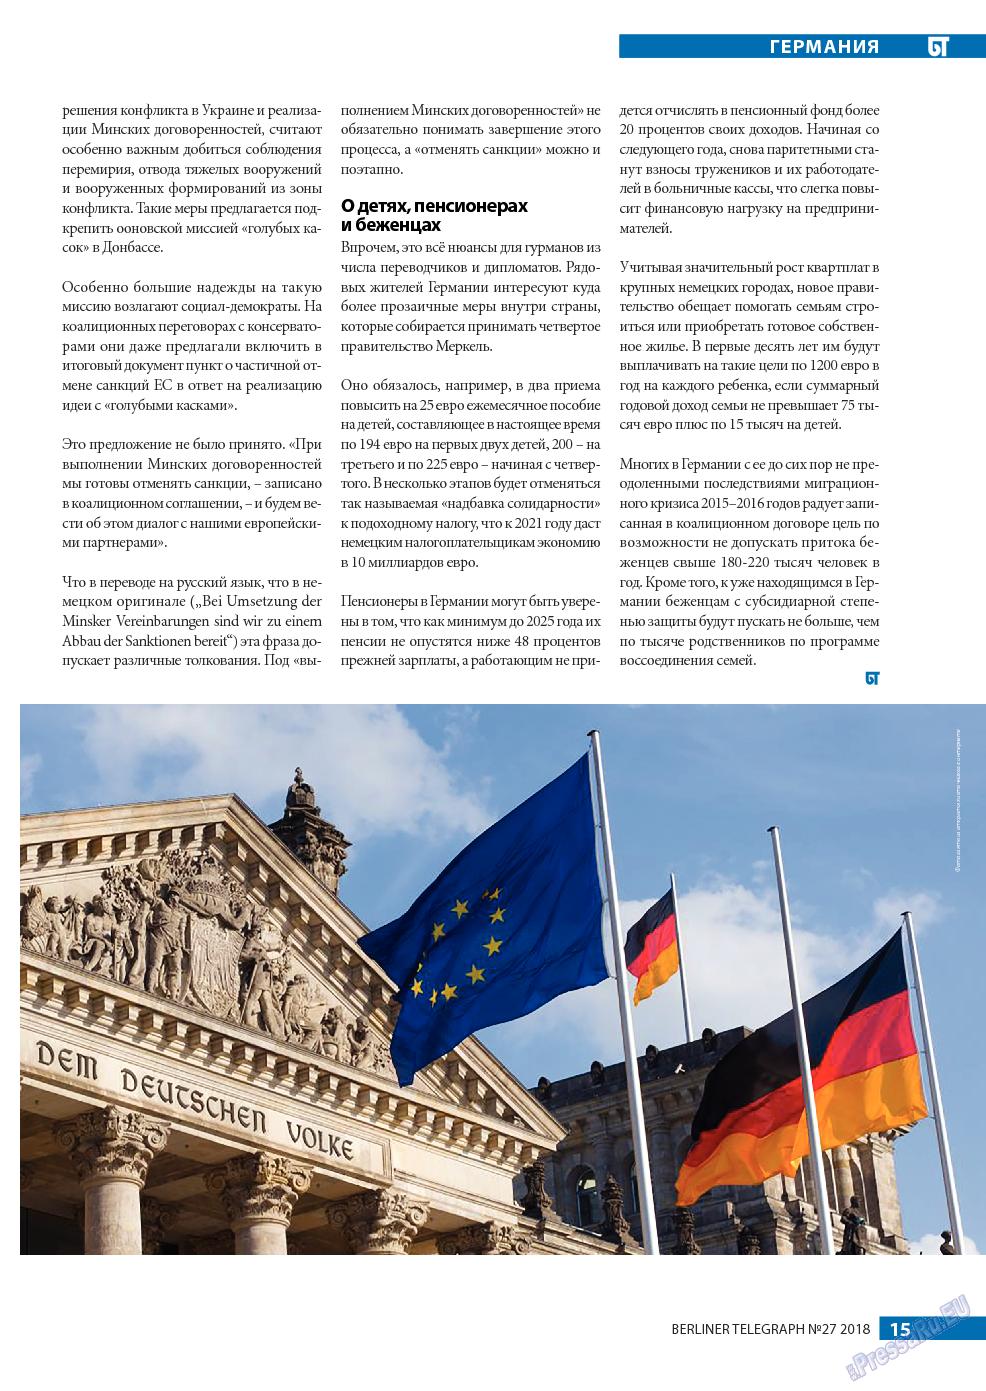 Берлинский телеграф (журнал). 2018 год, номер 27, стр. 15